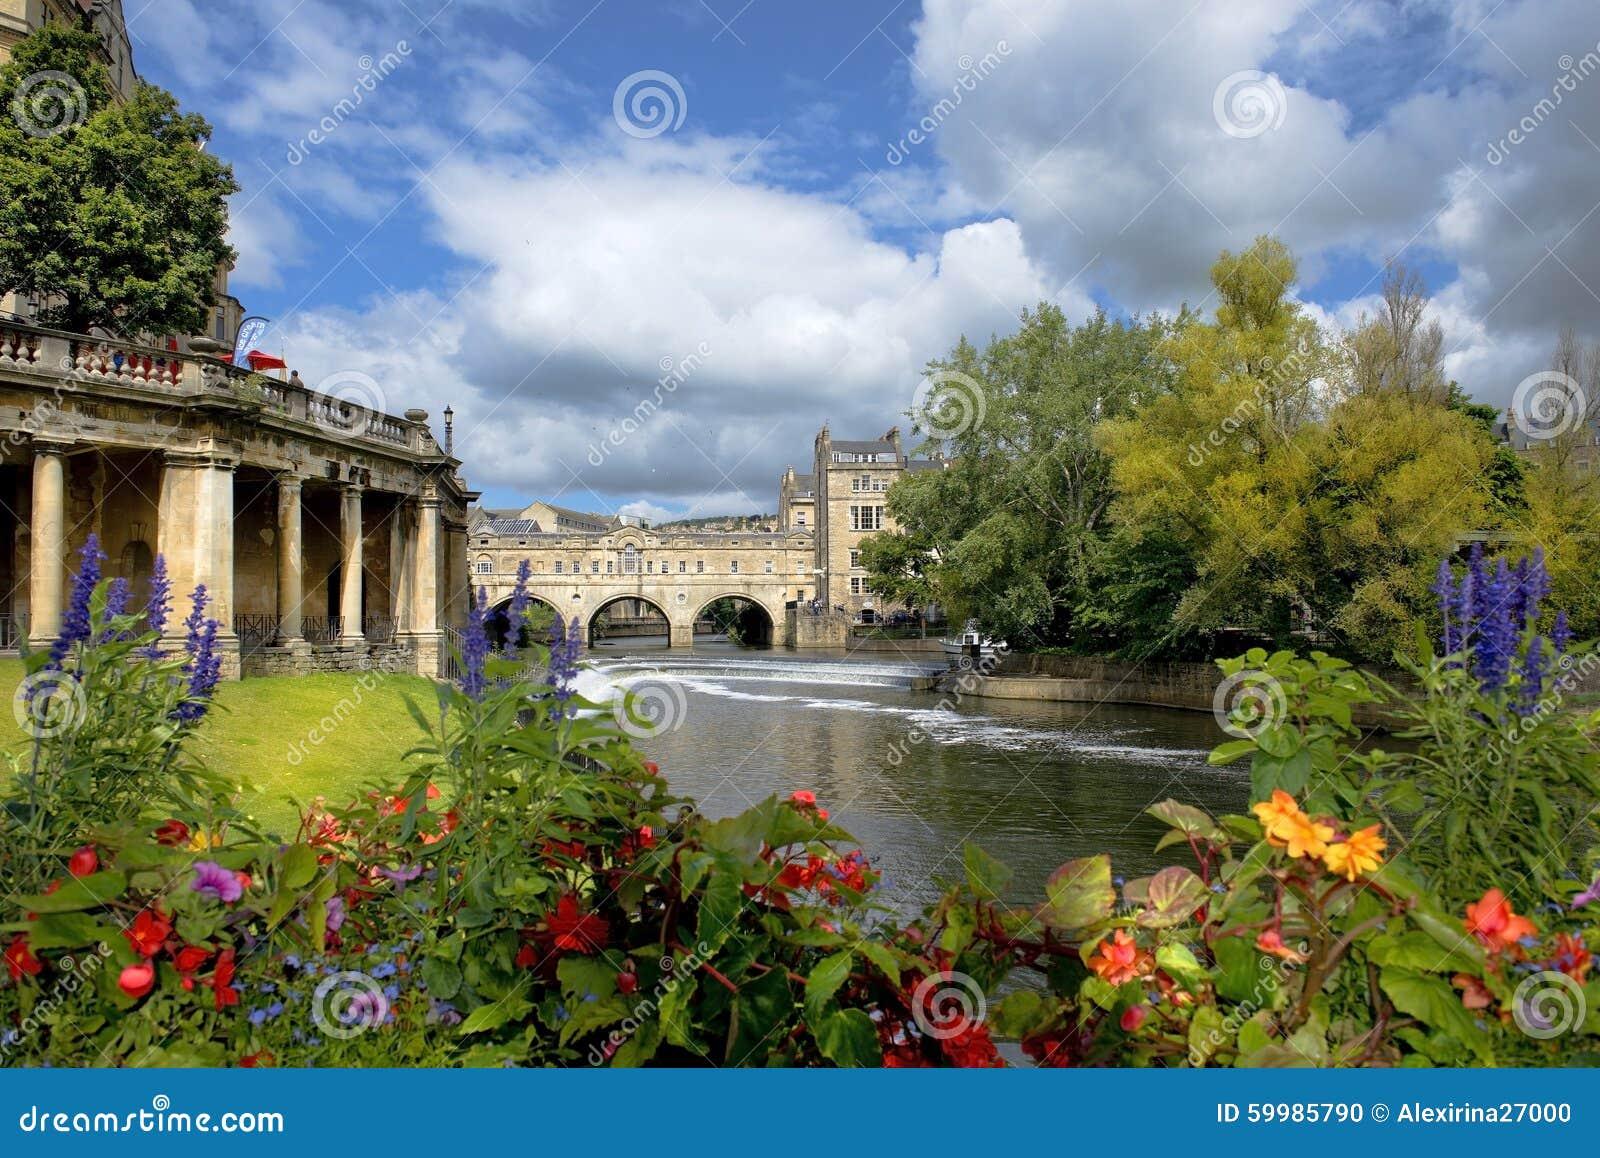 Paesaggio urbano nel bagno medievale della città, Somerset, Inghilterra